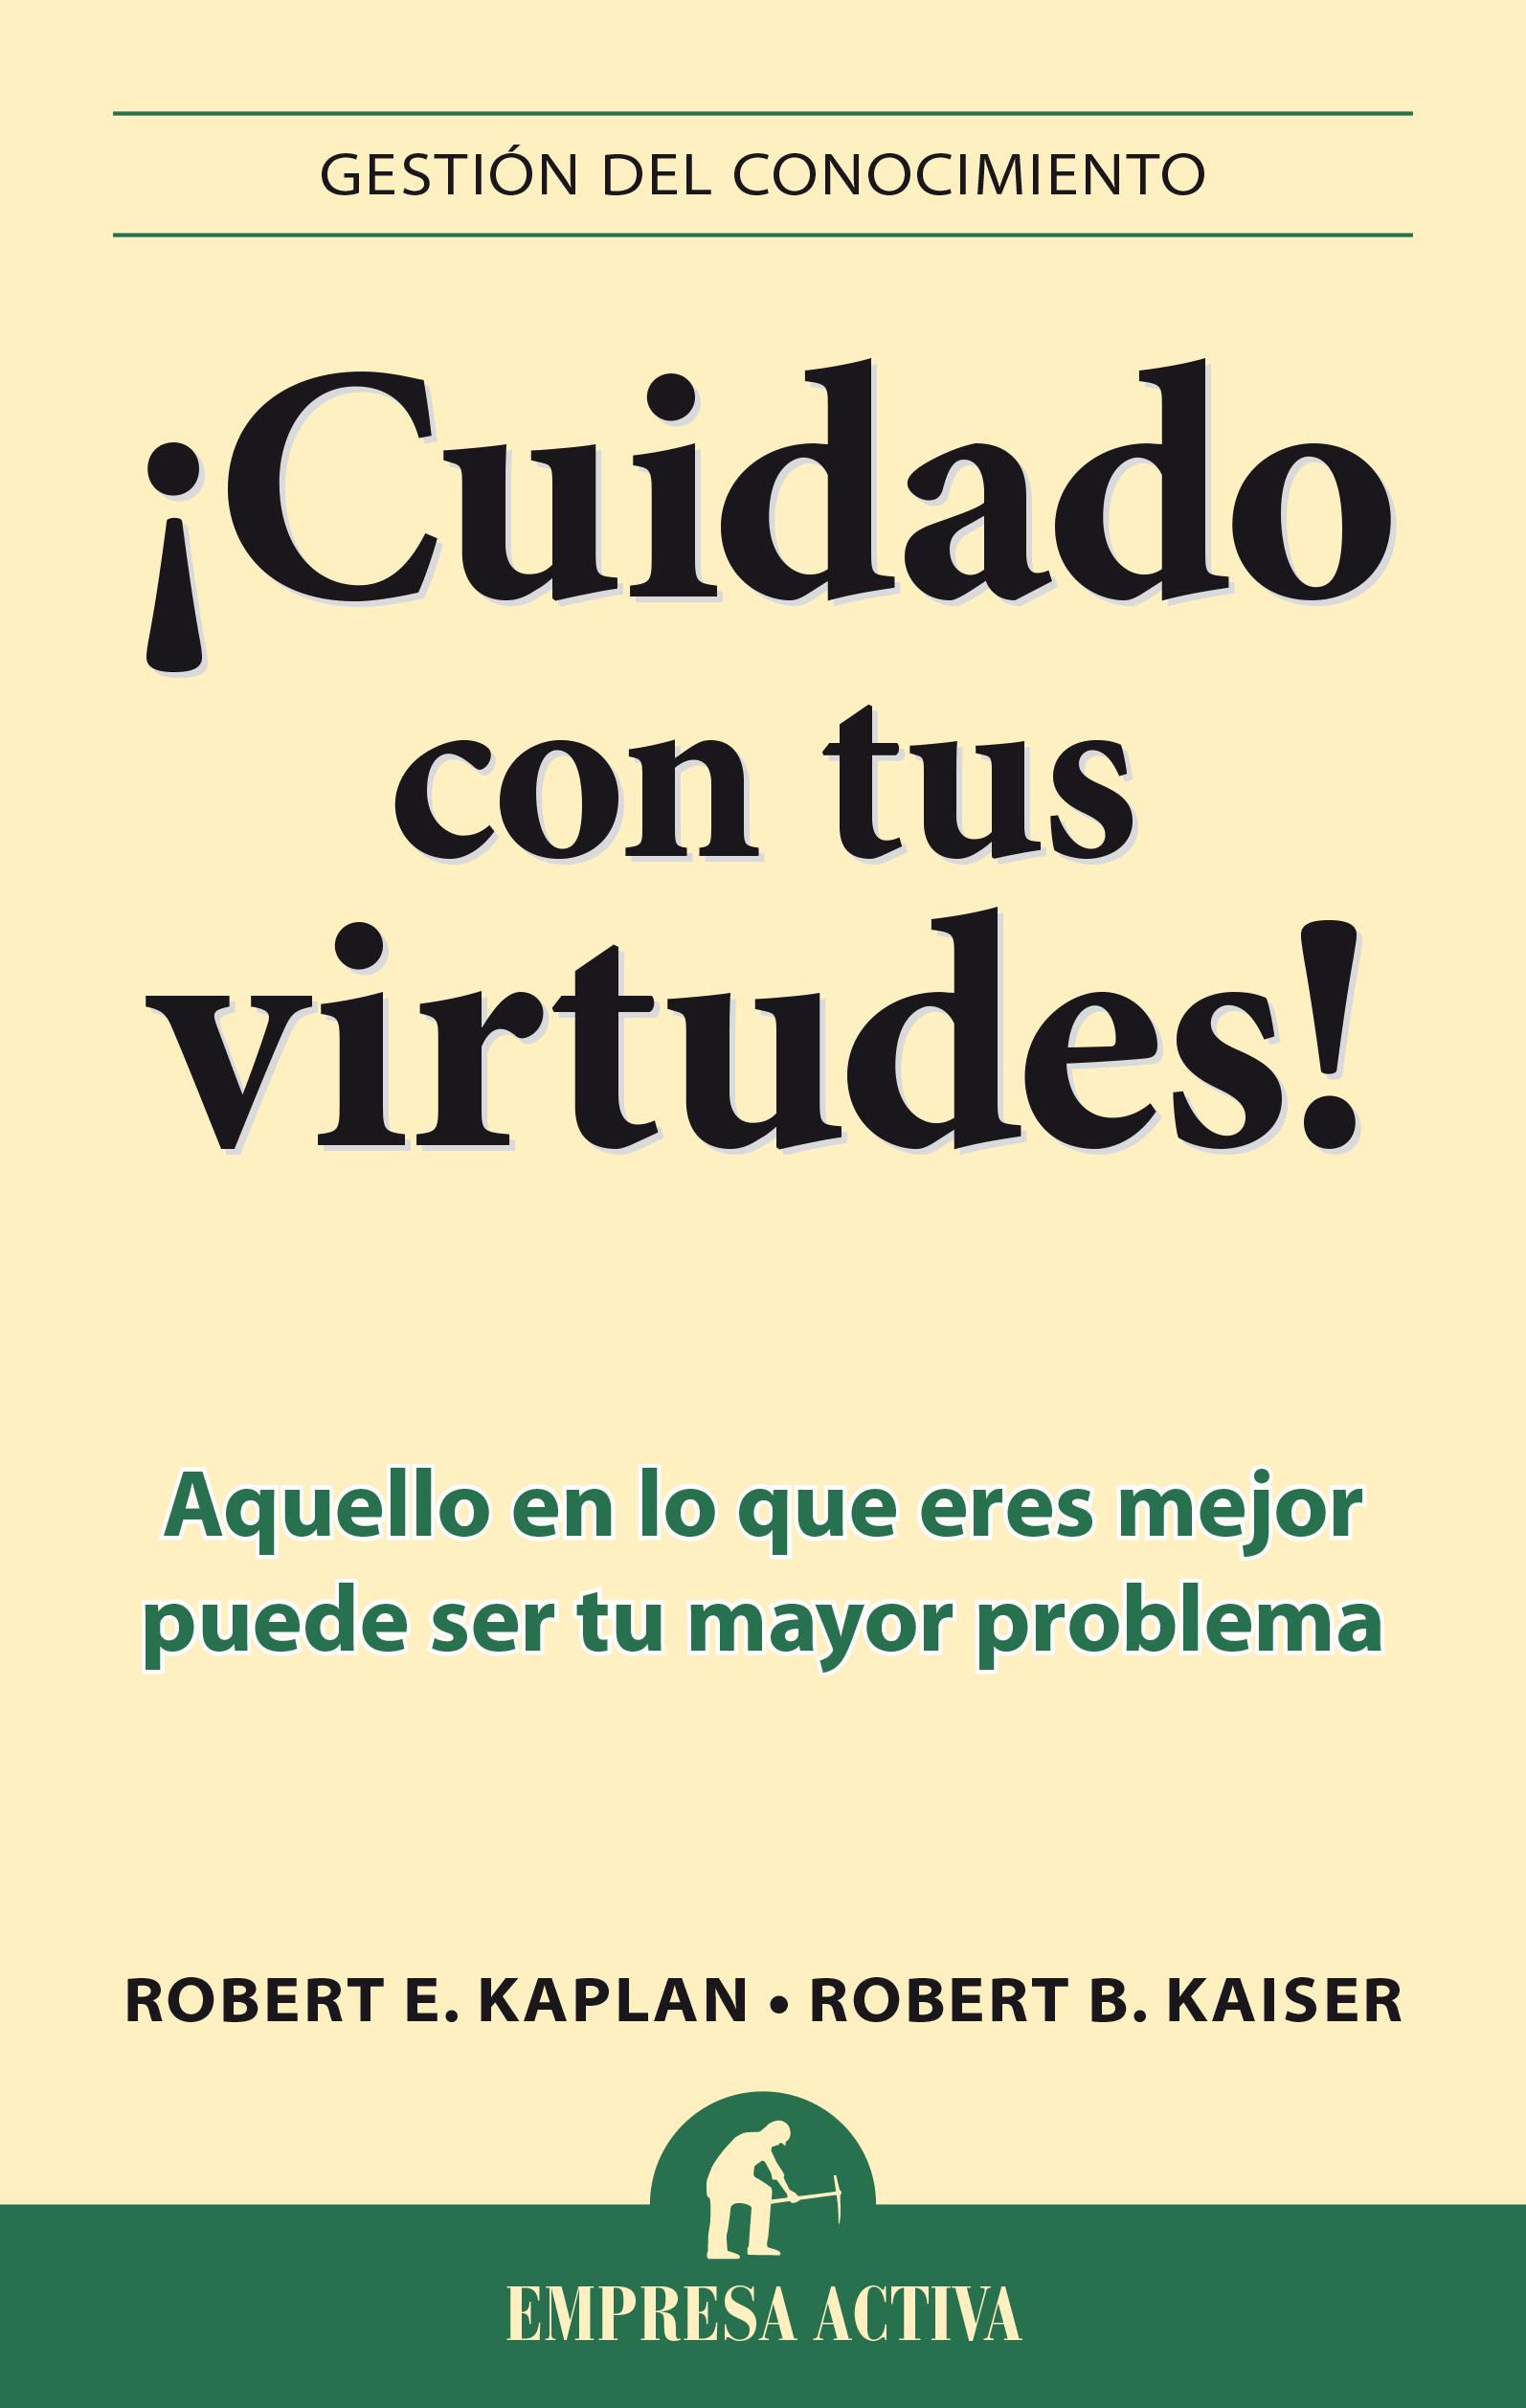 ¡Cuidado con tus virtudes!